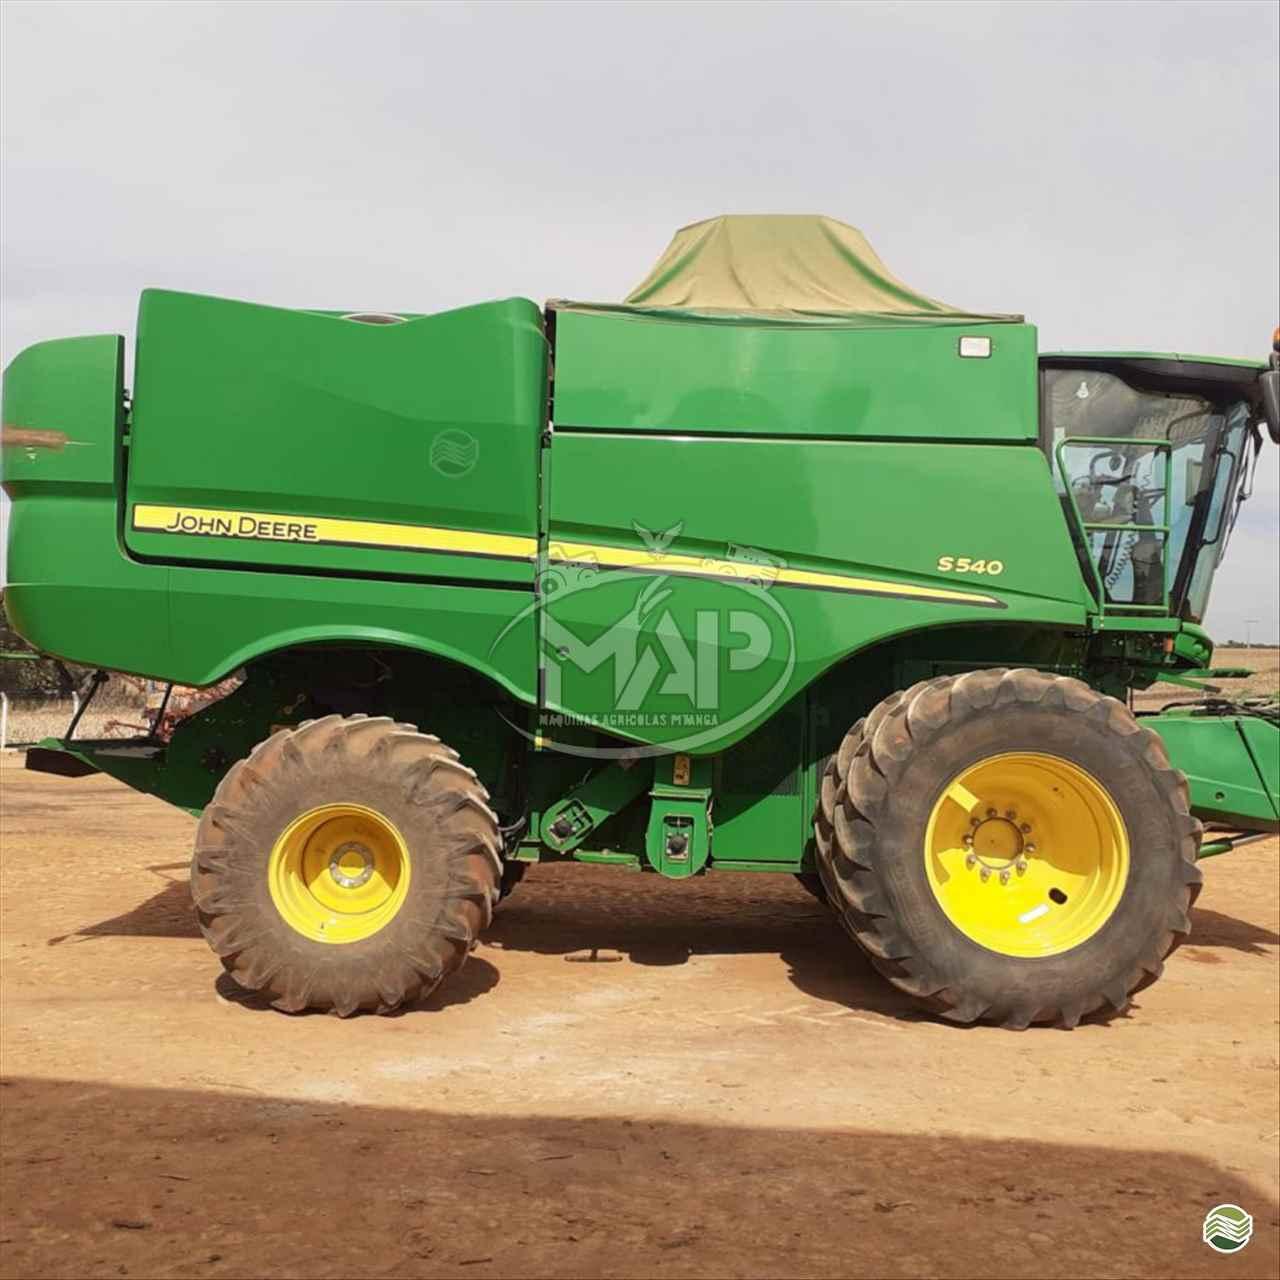 COLHEITADEIRA JOHN DEERE JOHN DEERE S540 Máquinas Agrícolas Pitanga PITANGA PARANÁ PR